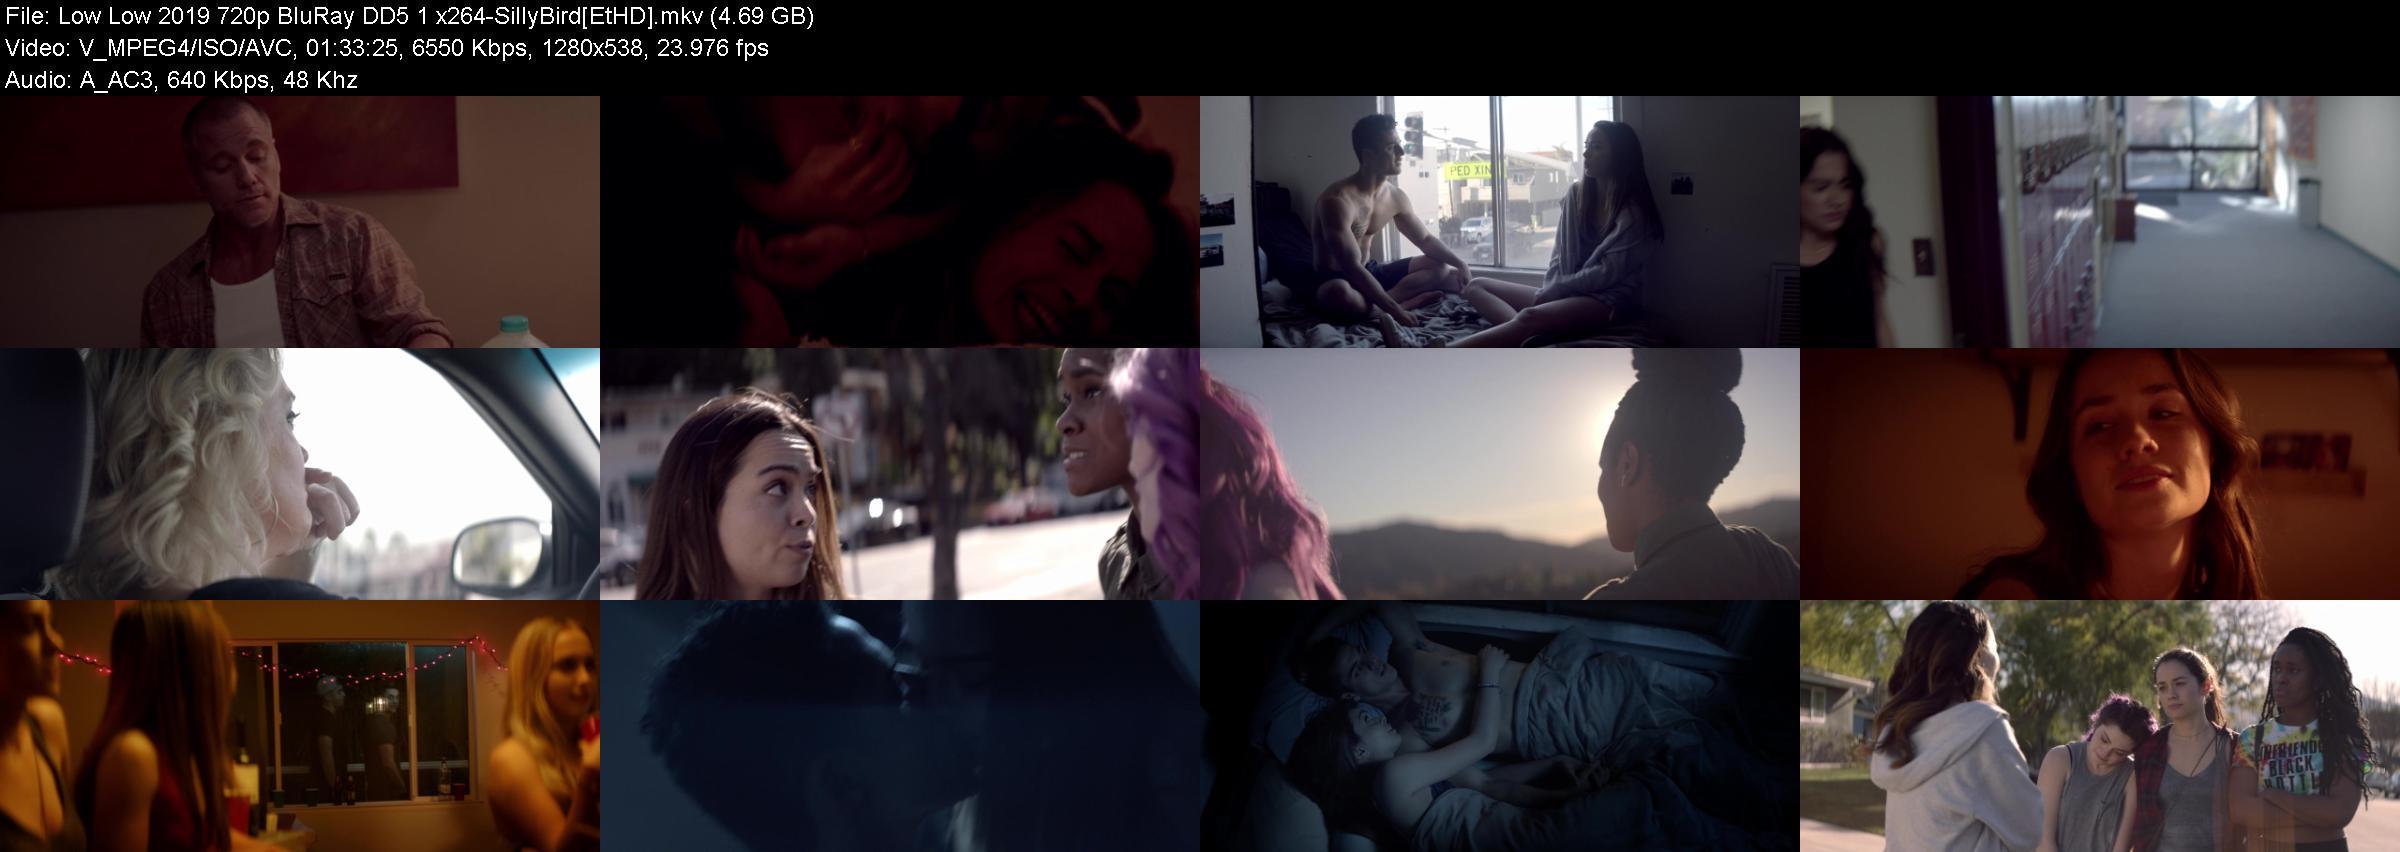 Low Low 2019 720p BluRay DD5 1 x264-SillyBird